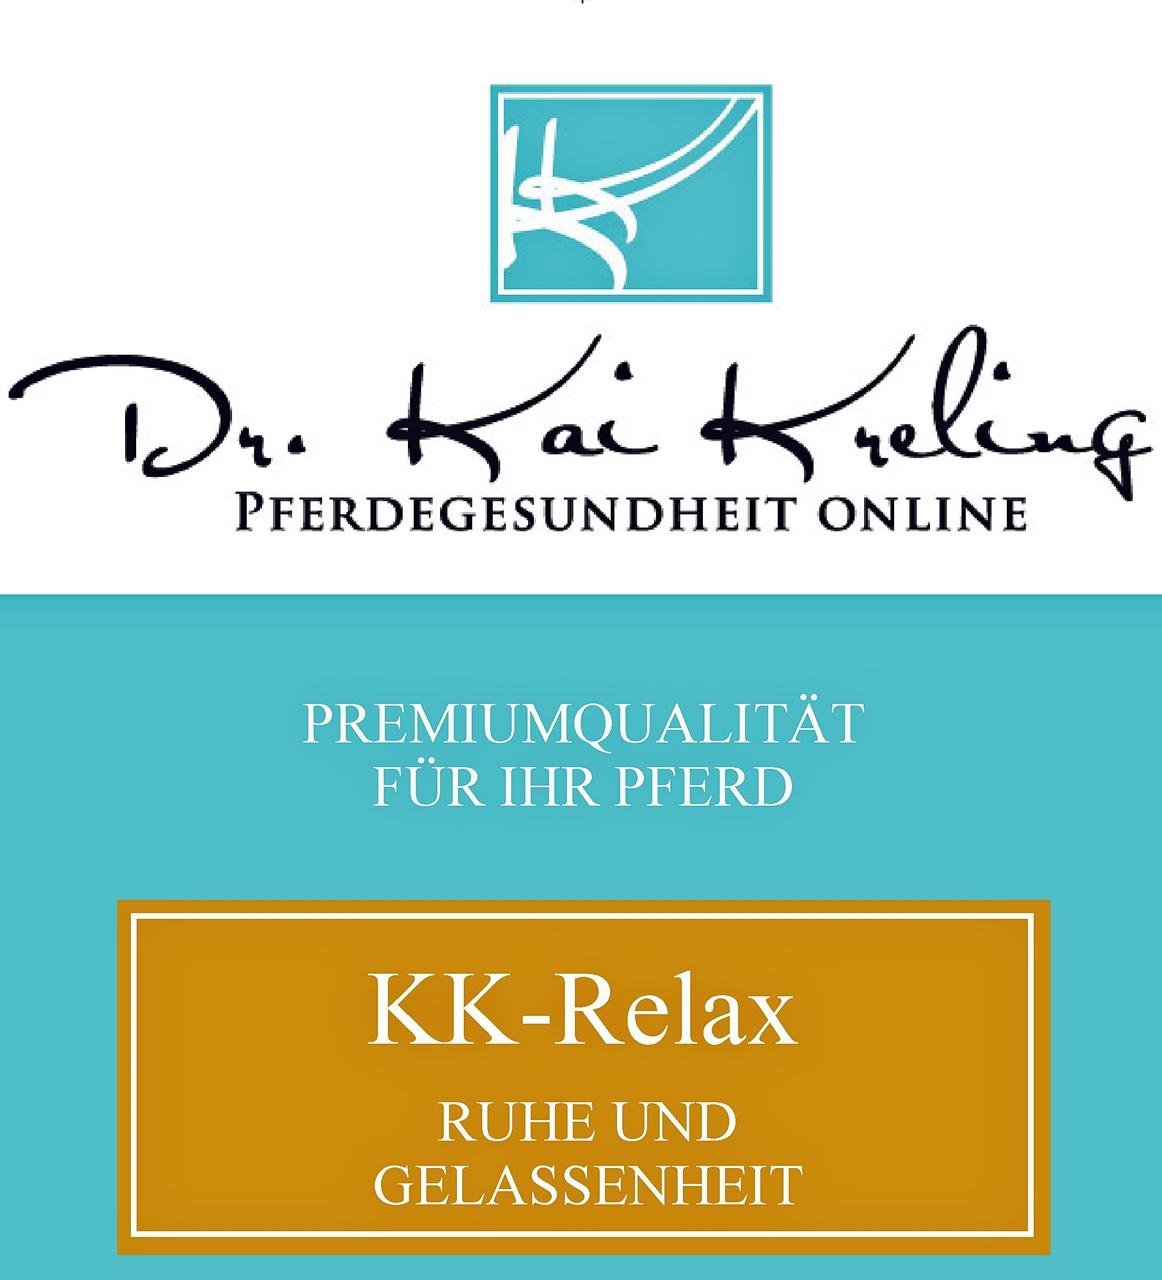 KK-Relax